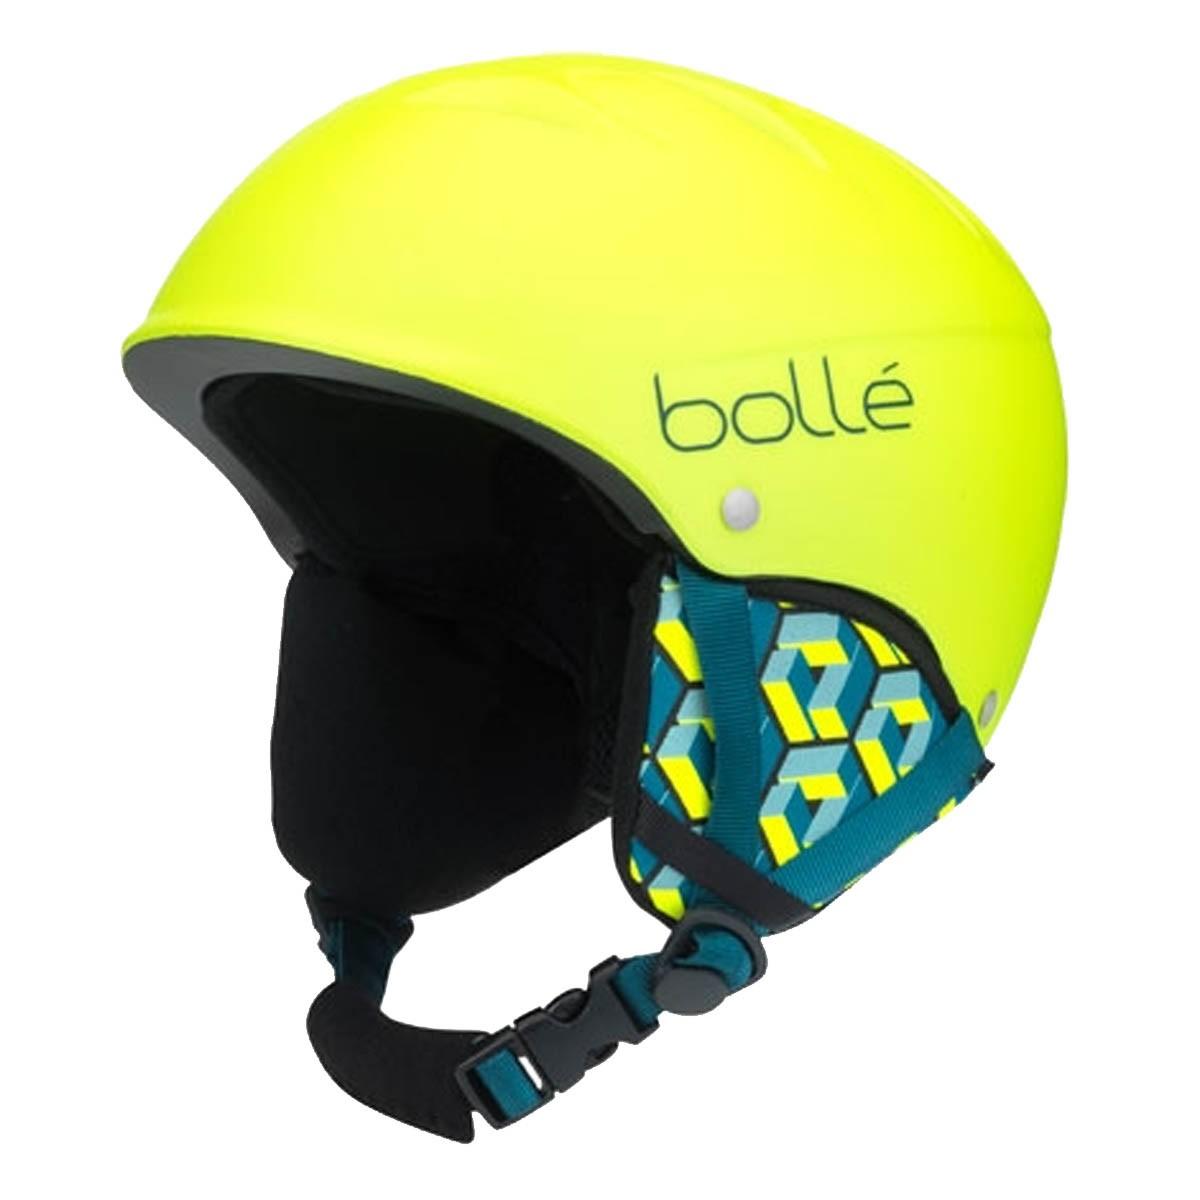 Casco sci Bolle B-Free (Colore: soft neon yellow, Taglia: 49/53)